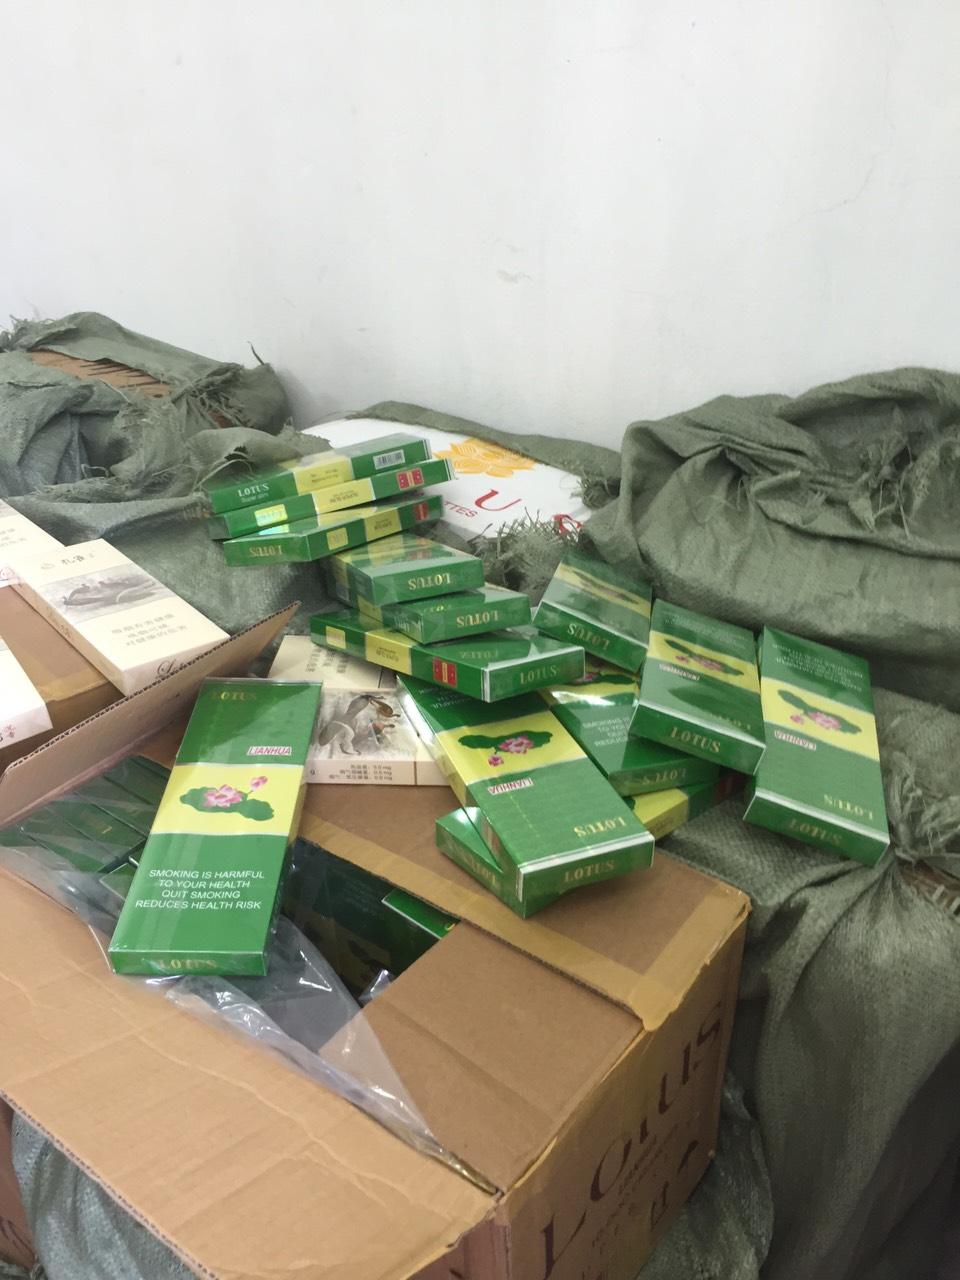 Quảng Ninh: Phát hiện thu giữ hàng chục nghìn bao thuốc lá lậu